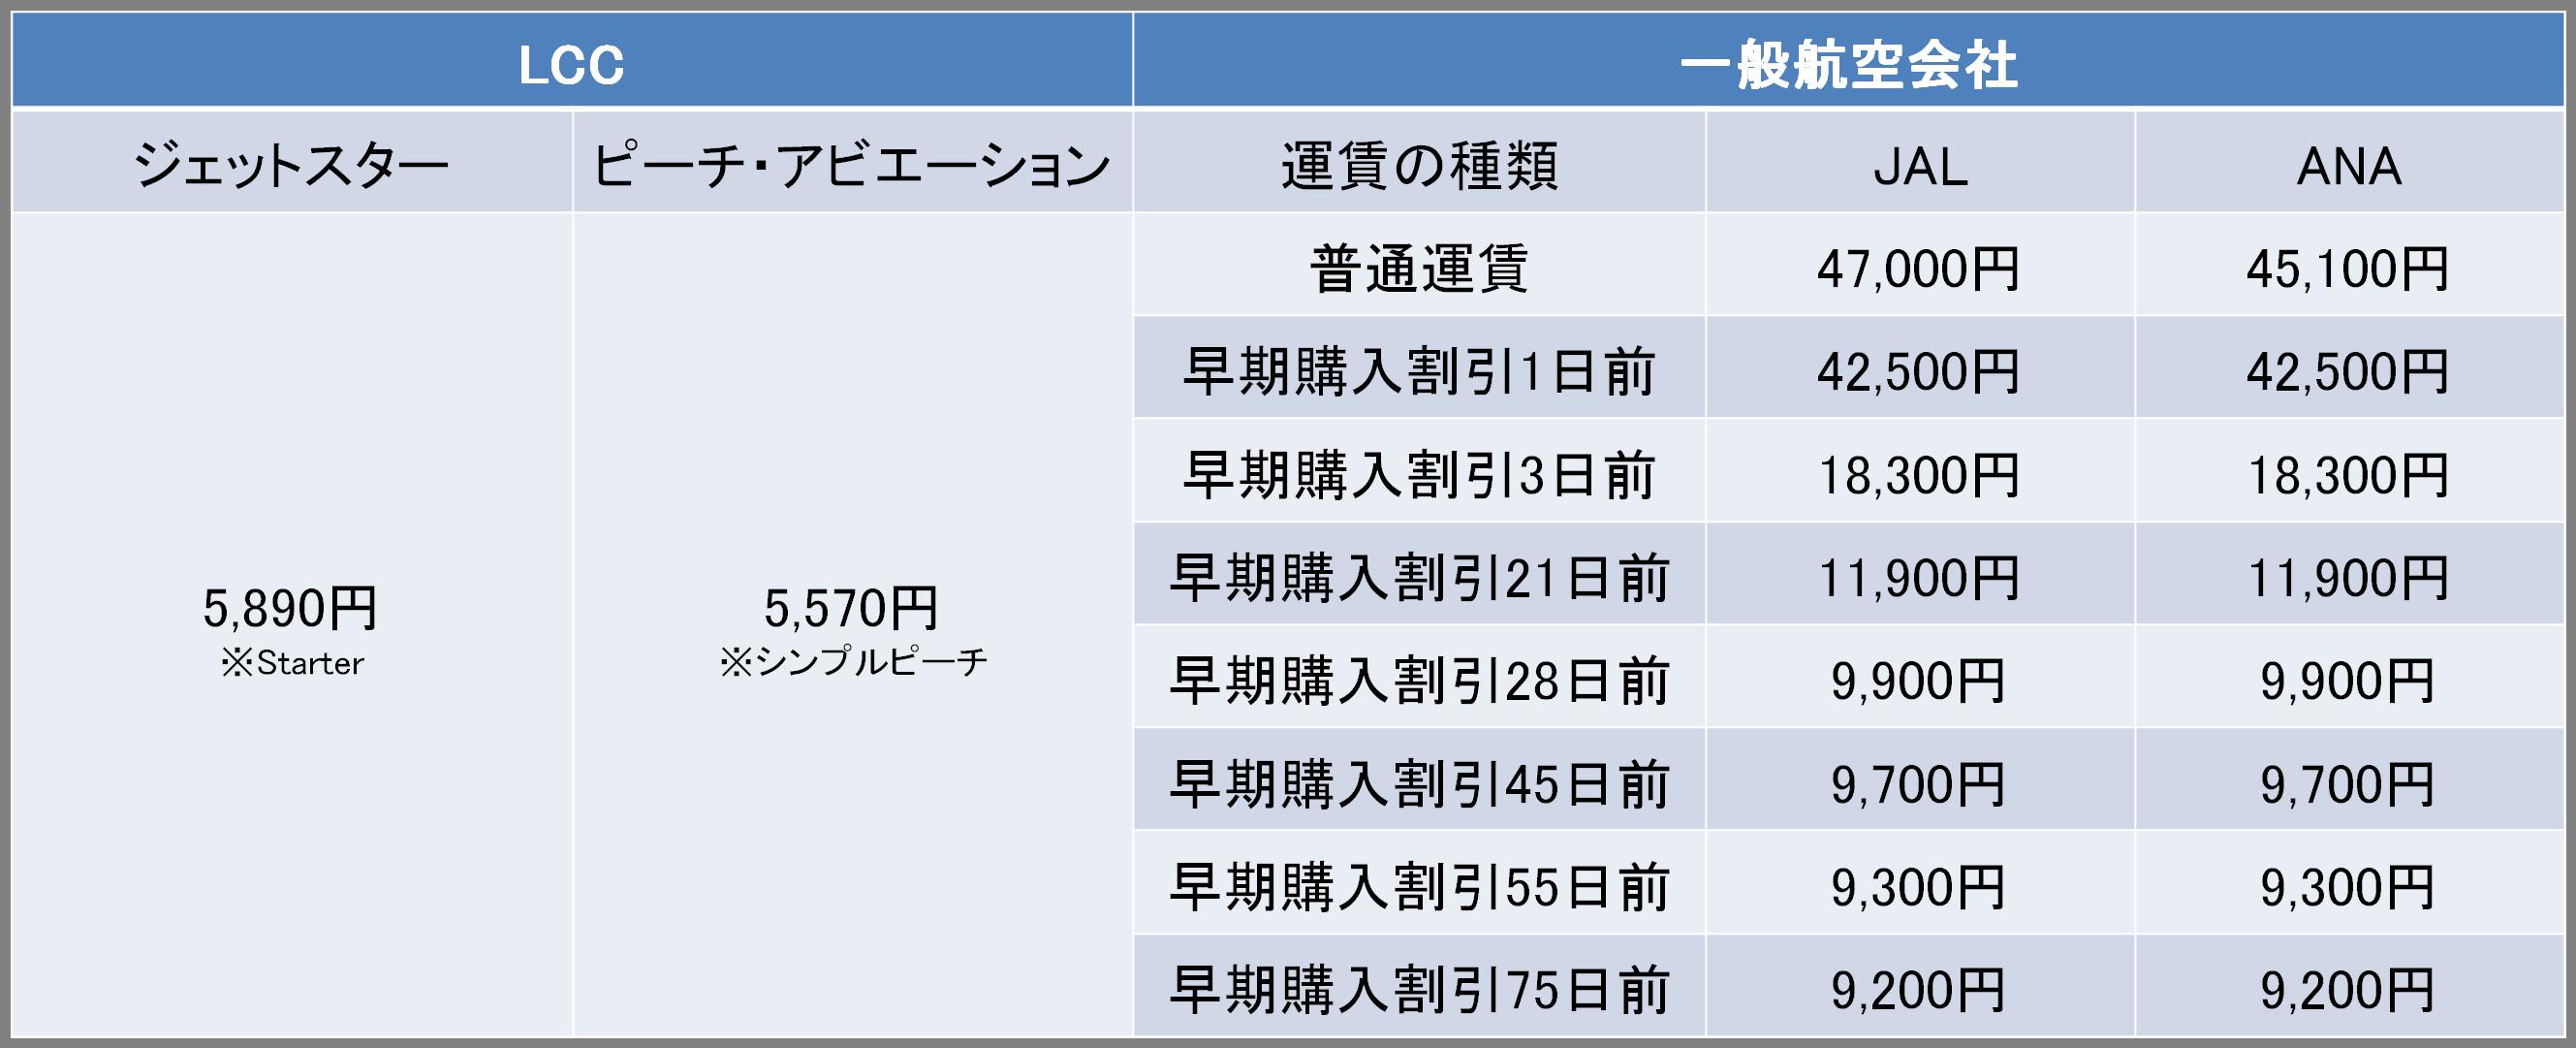 関西-新千歳間の航空券の料金